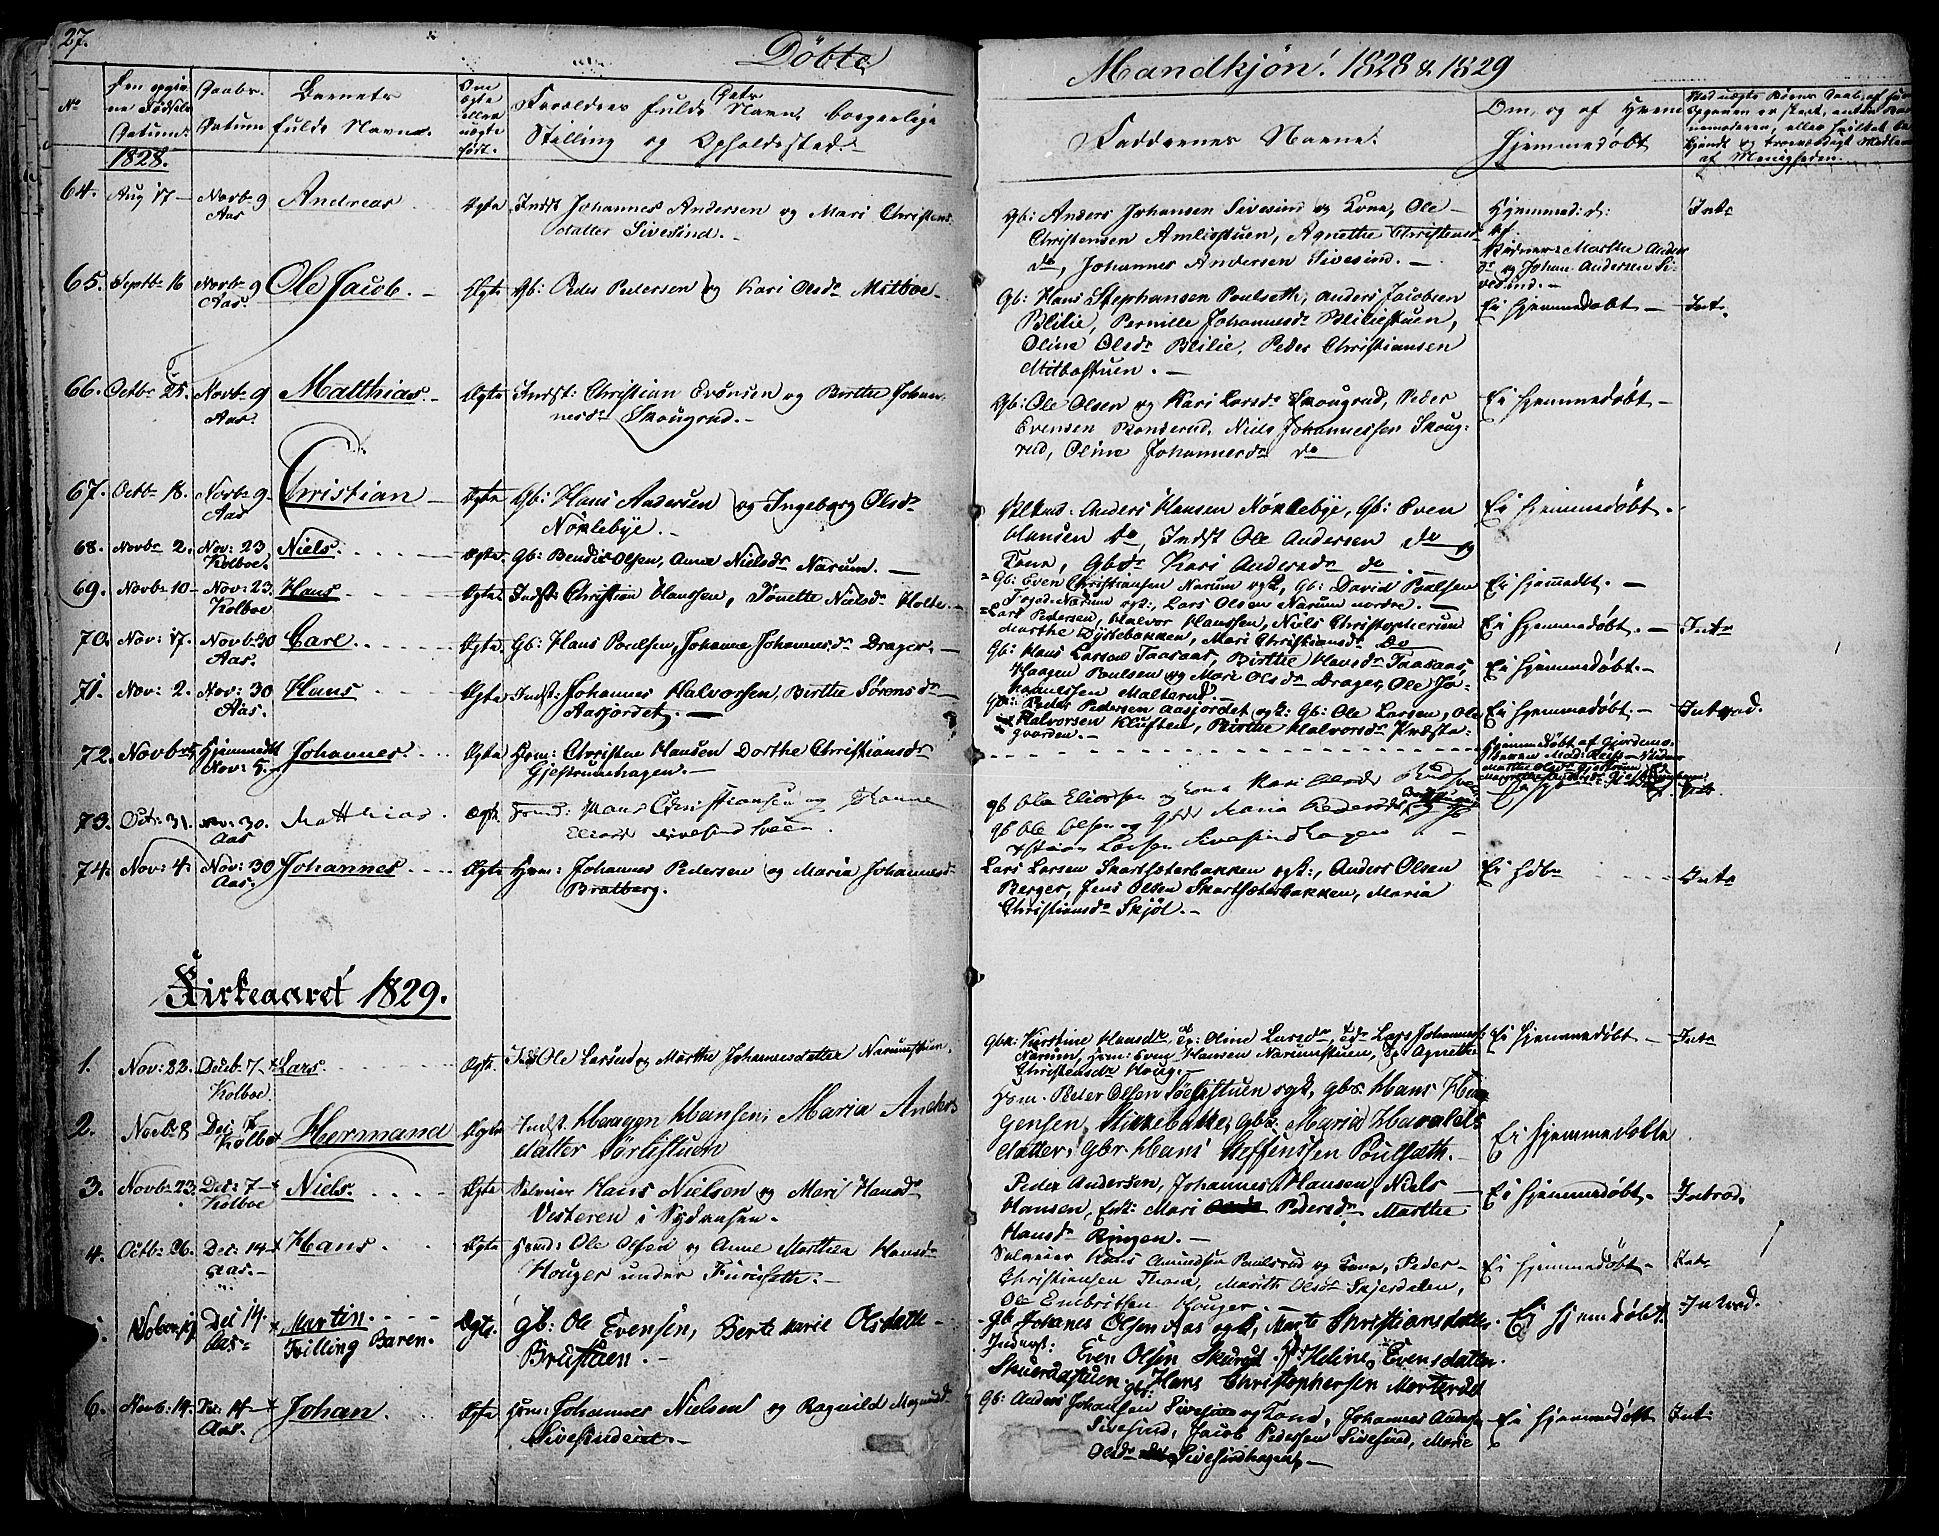 SAH, Vestre Toten prestekontor, Ministerialbok nr. 2, 1825-1837, s. 27